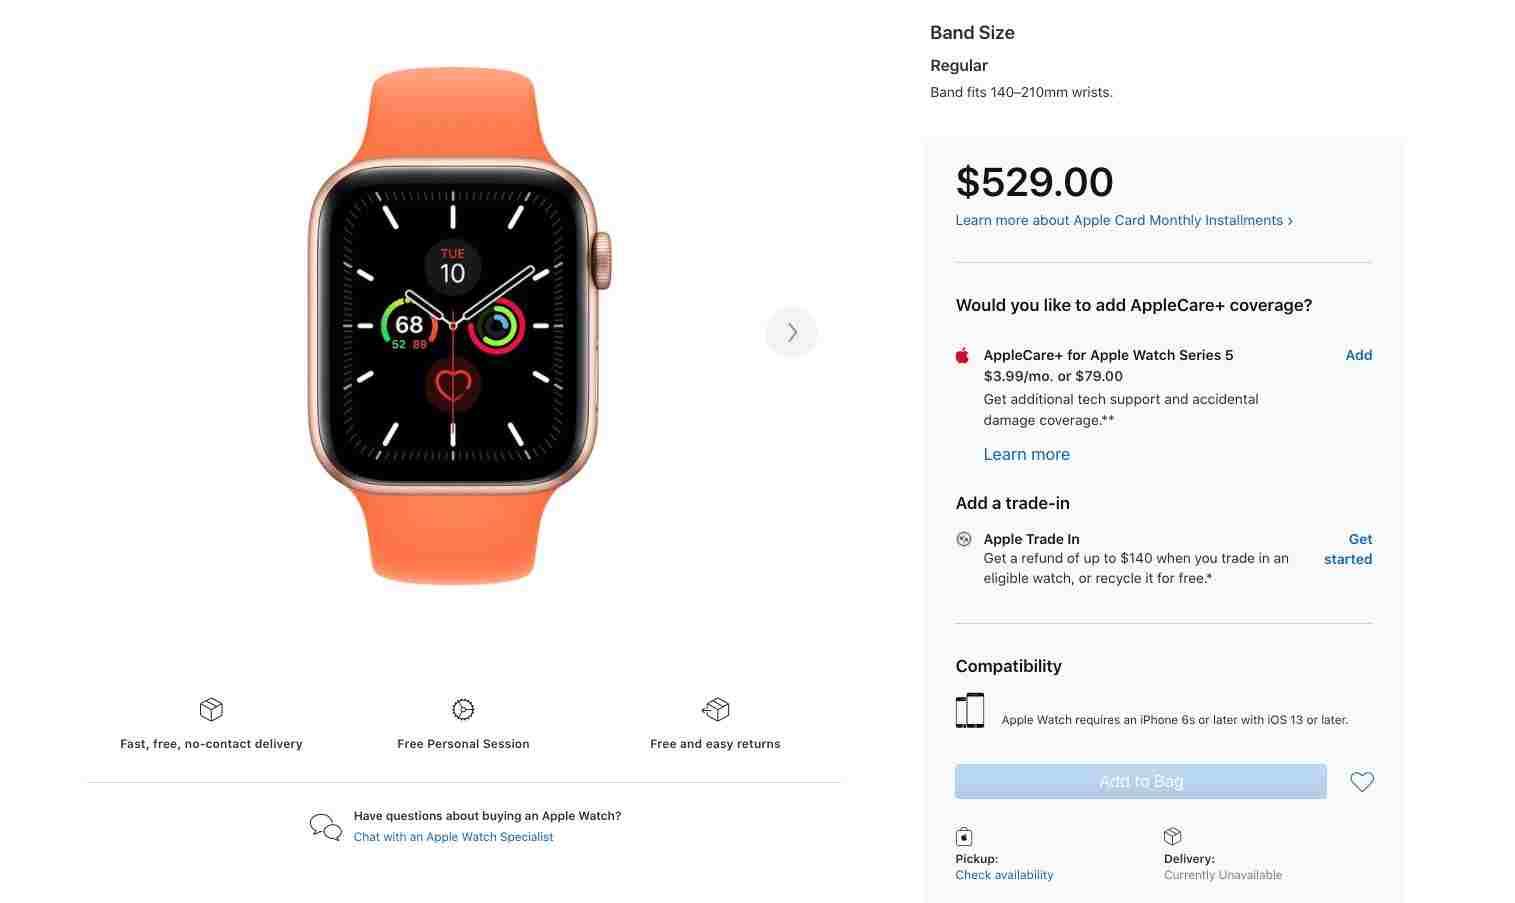 Apple Watch 5 tükendi: Apple, Watch 6 için eylülde tanıtım etkinliği düzenleyebilir